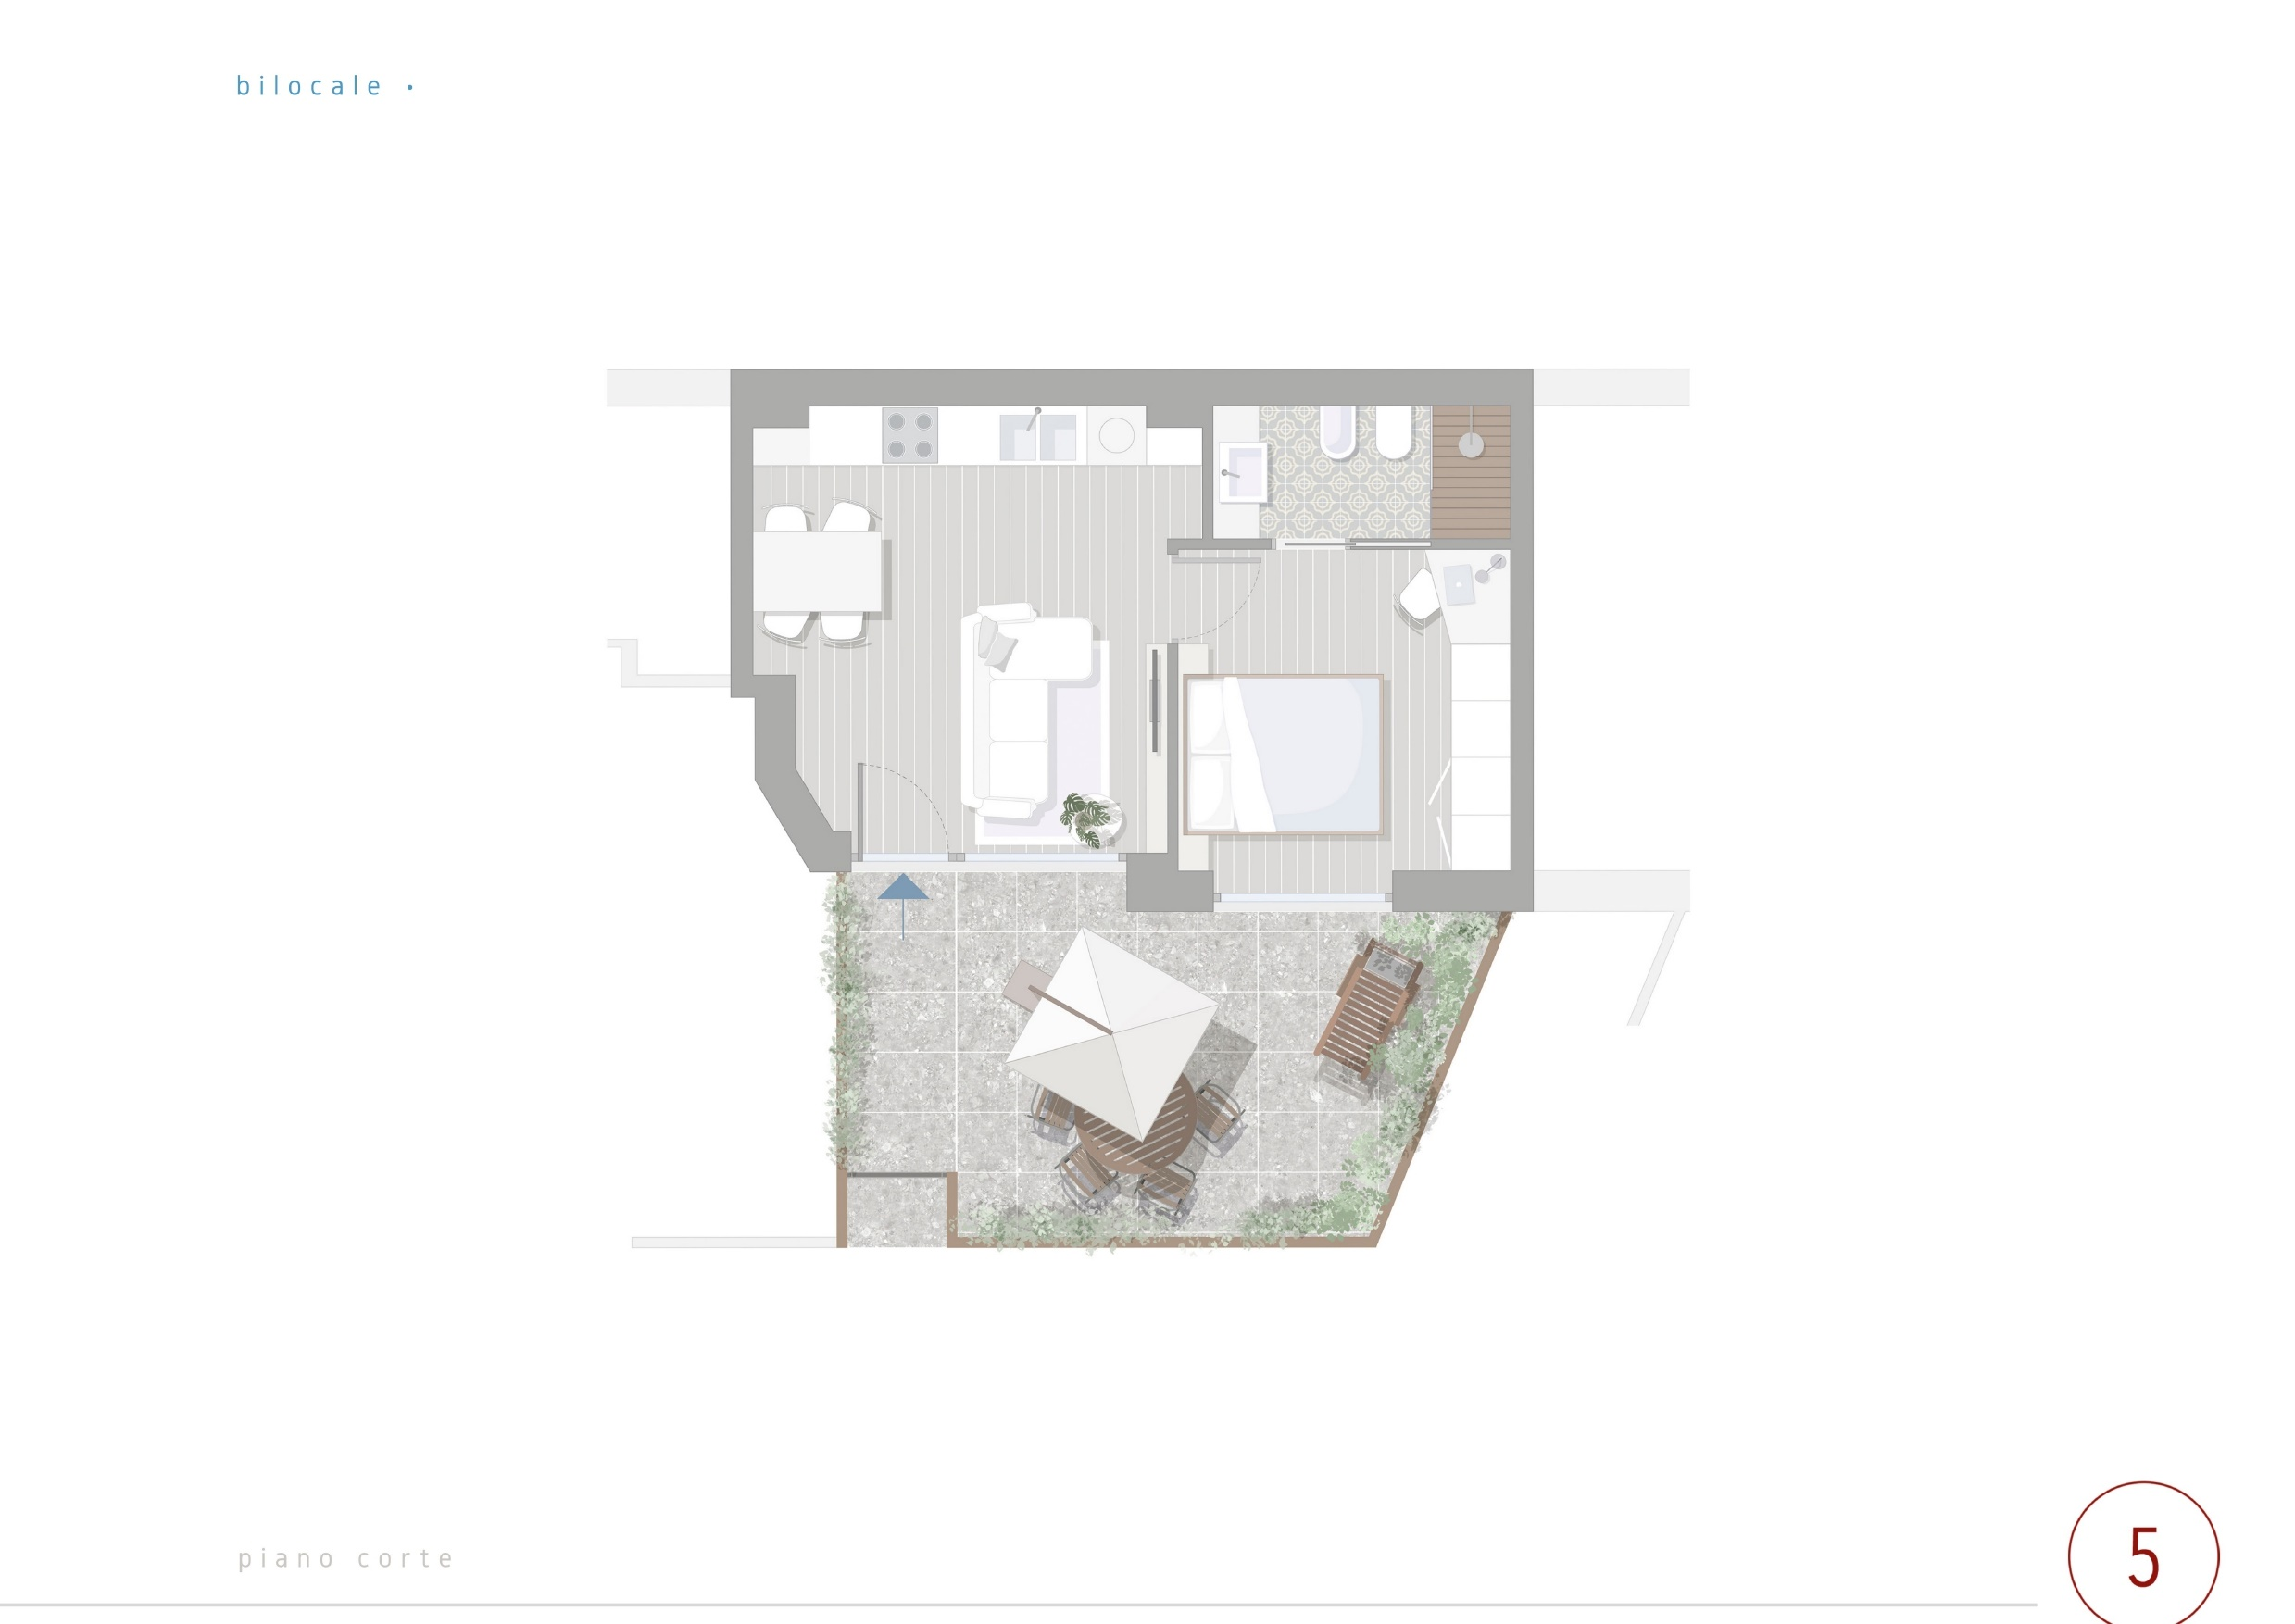 Planimetria del apartamento